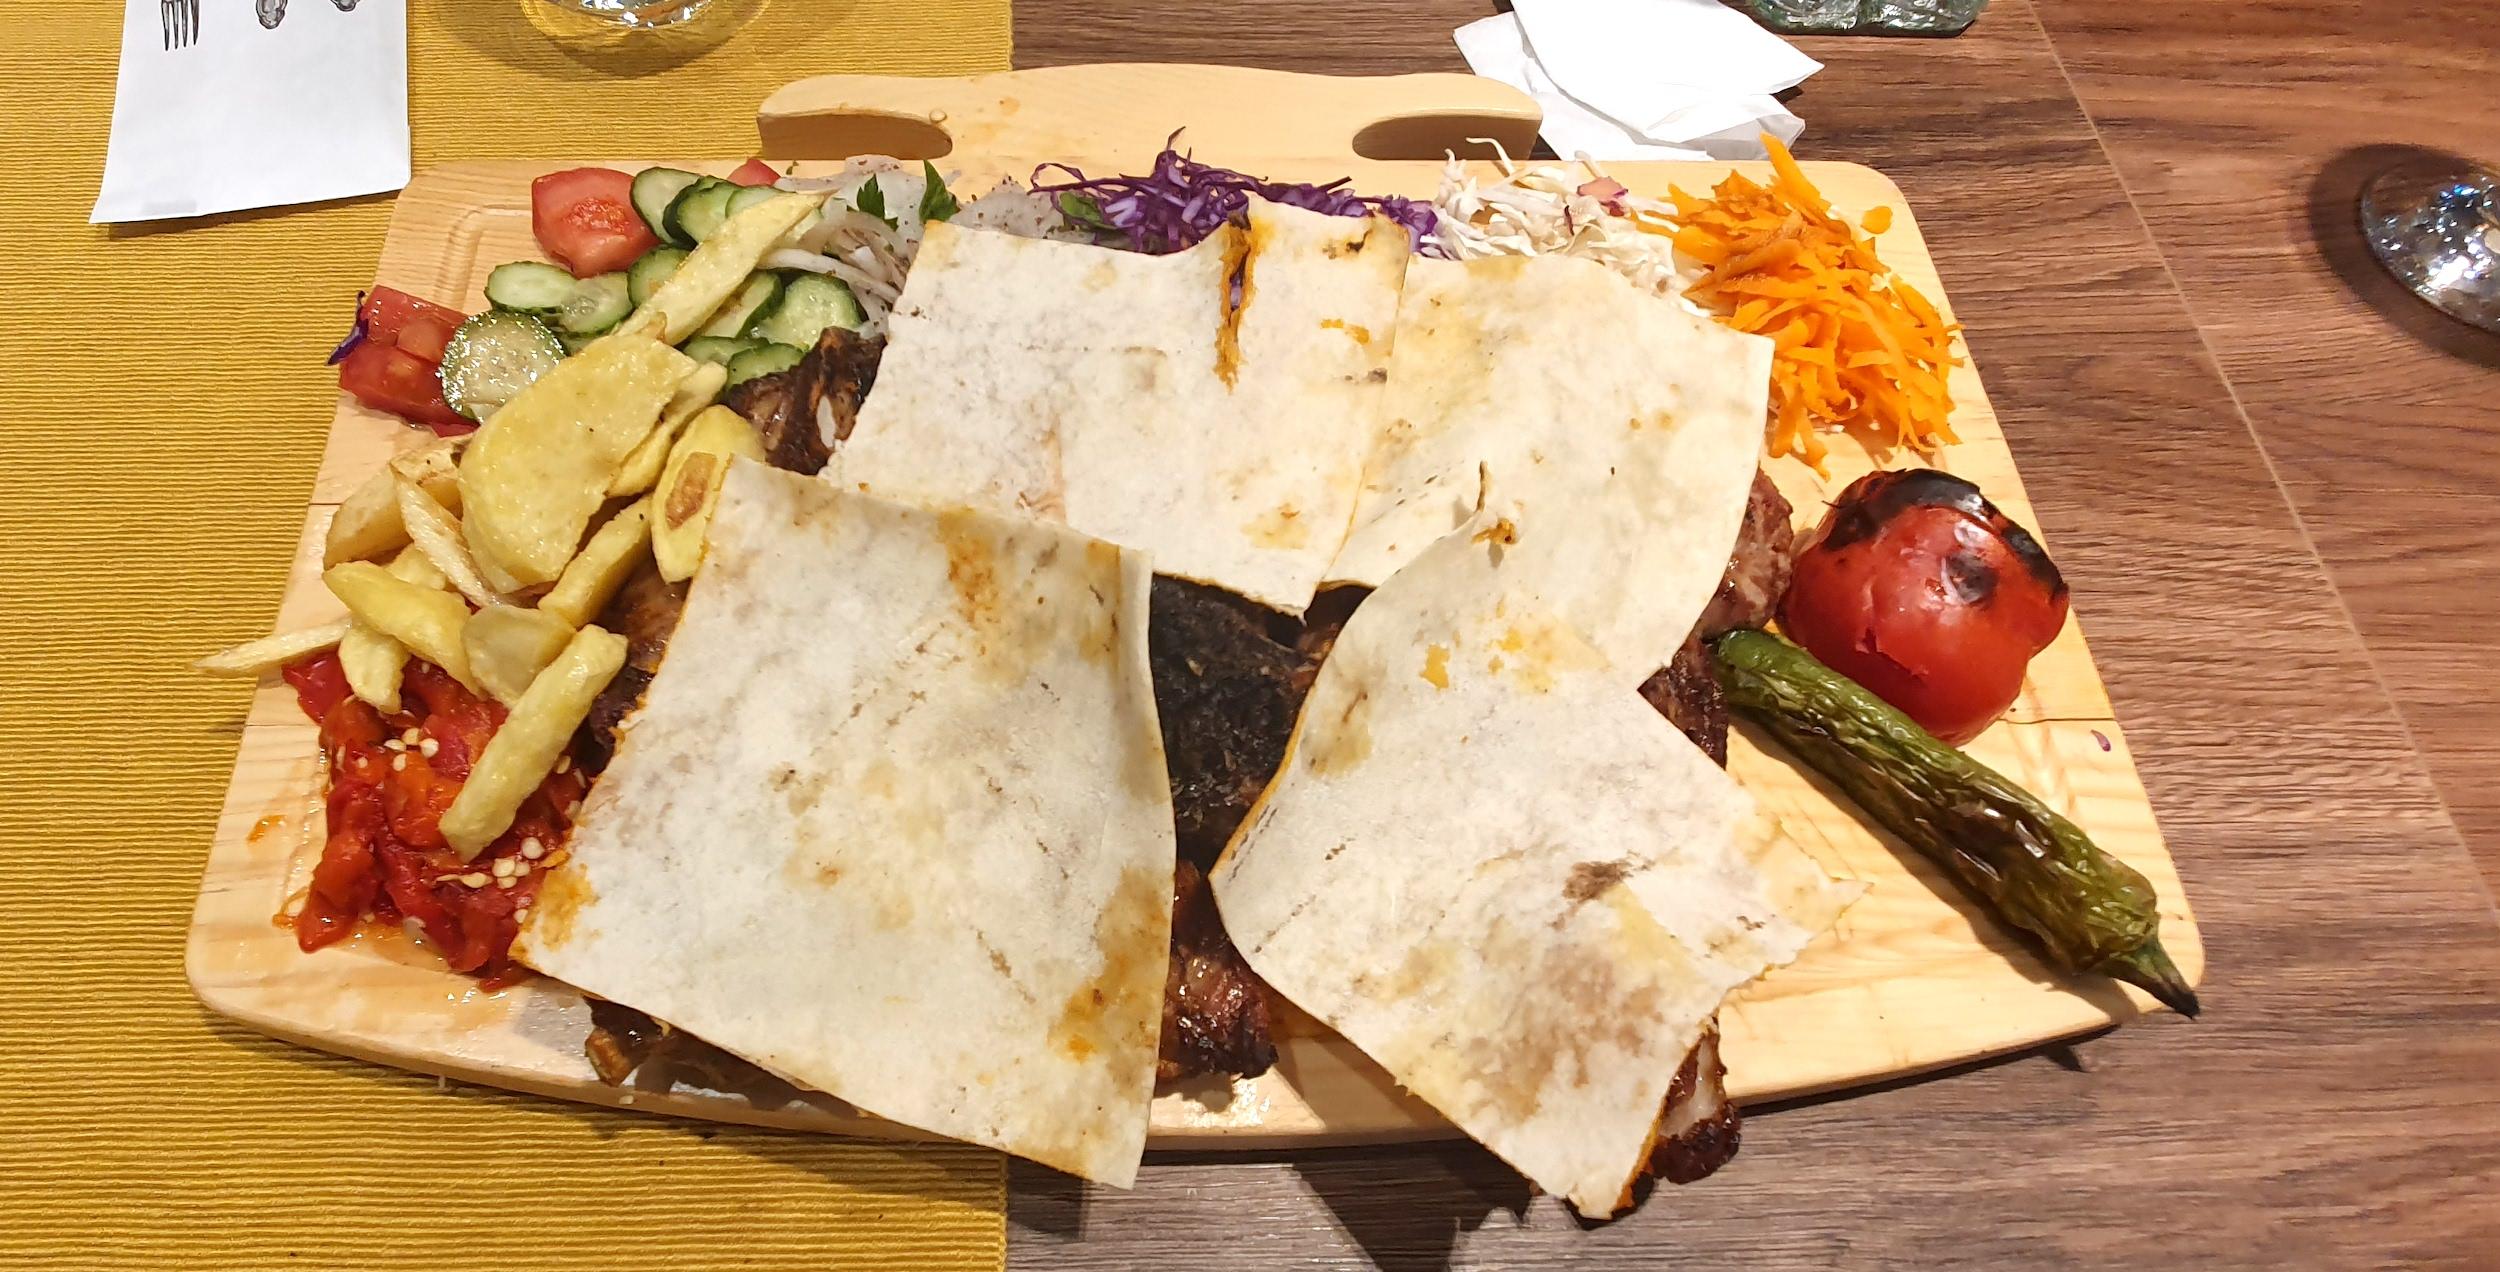 Konak: au ajuns turcii în centrul Sibiului (probabil printre ultimele cronici de restaurant de anul acesta)